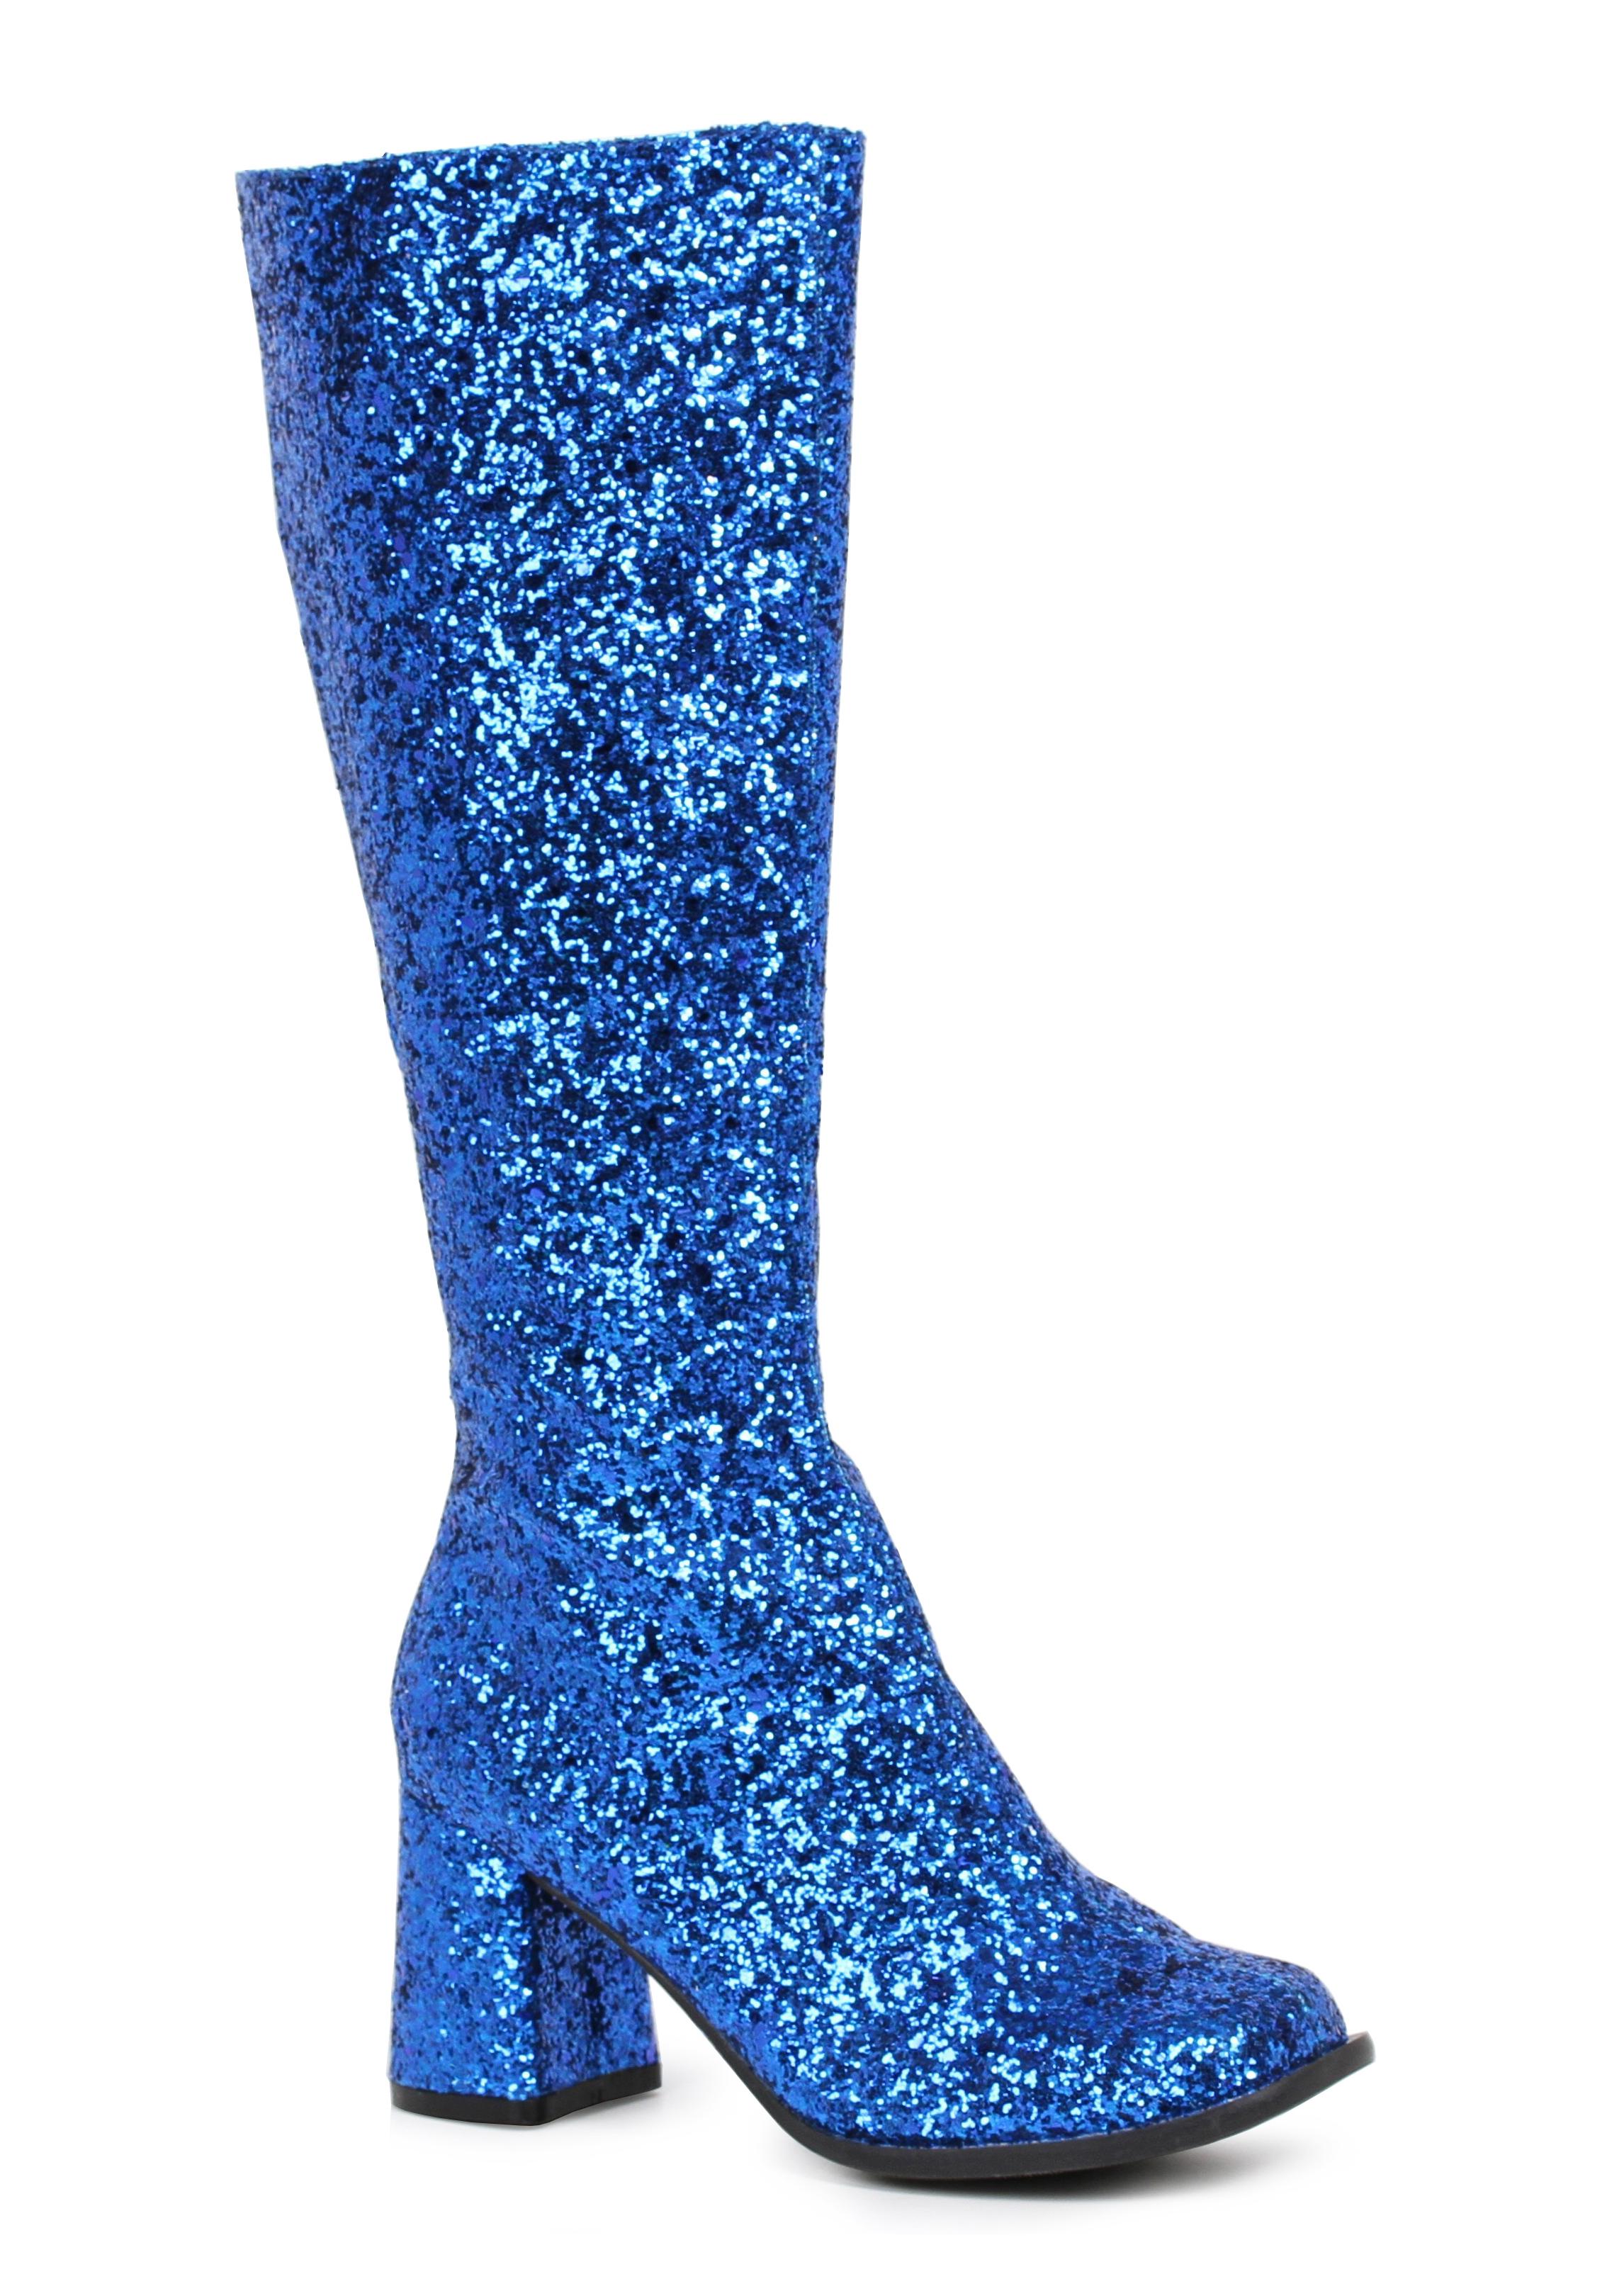 Ellie Shoes Gogo Boots